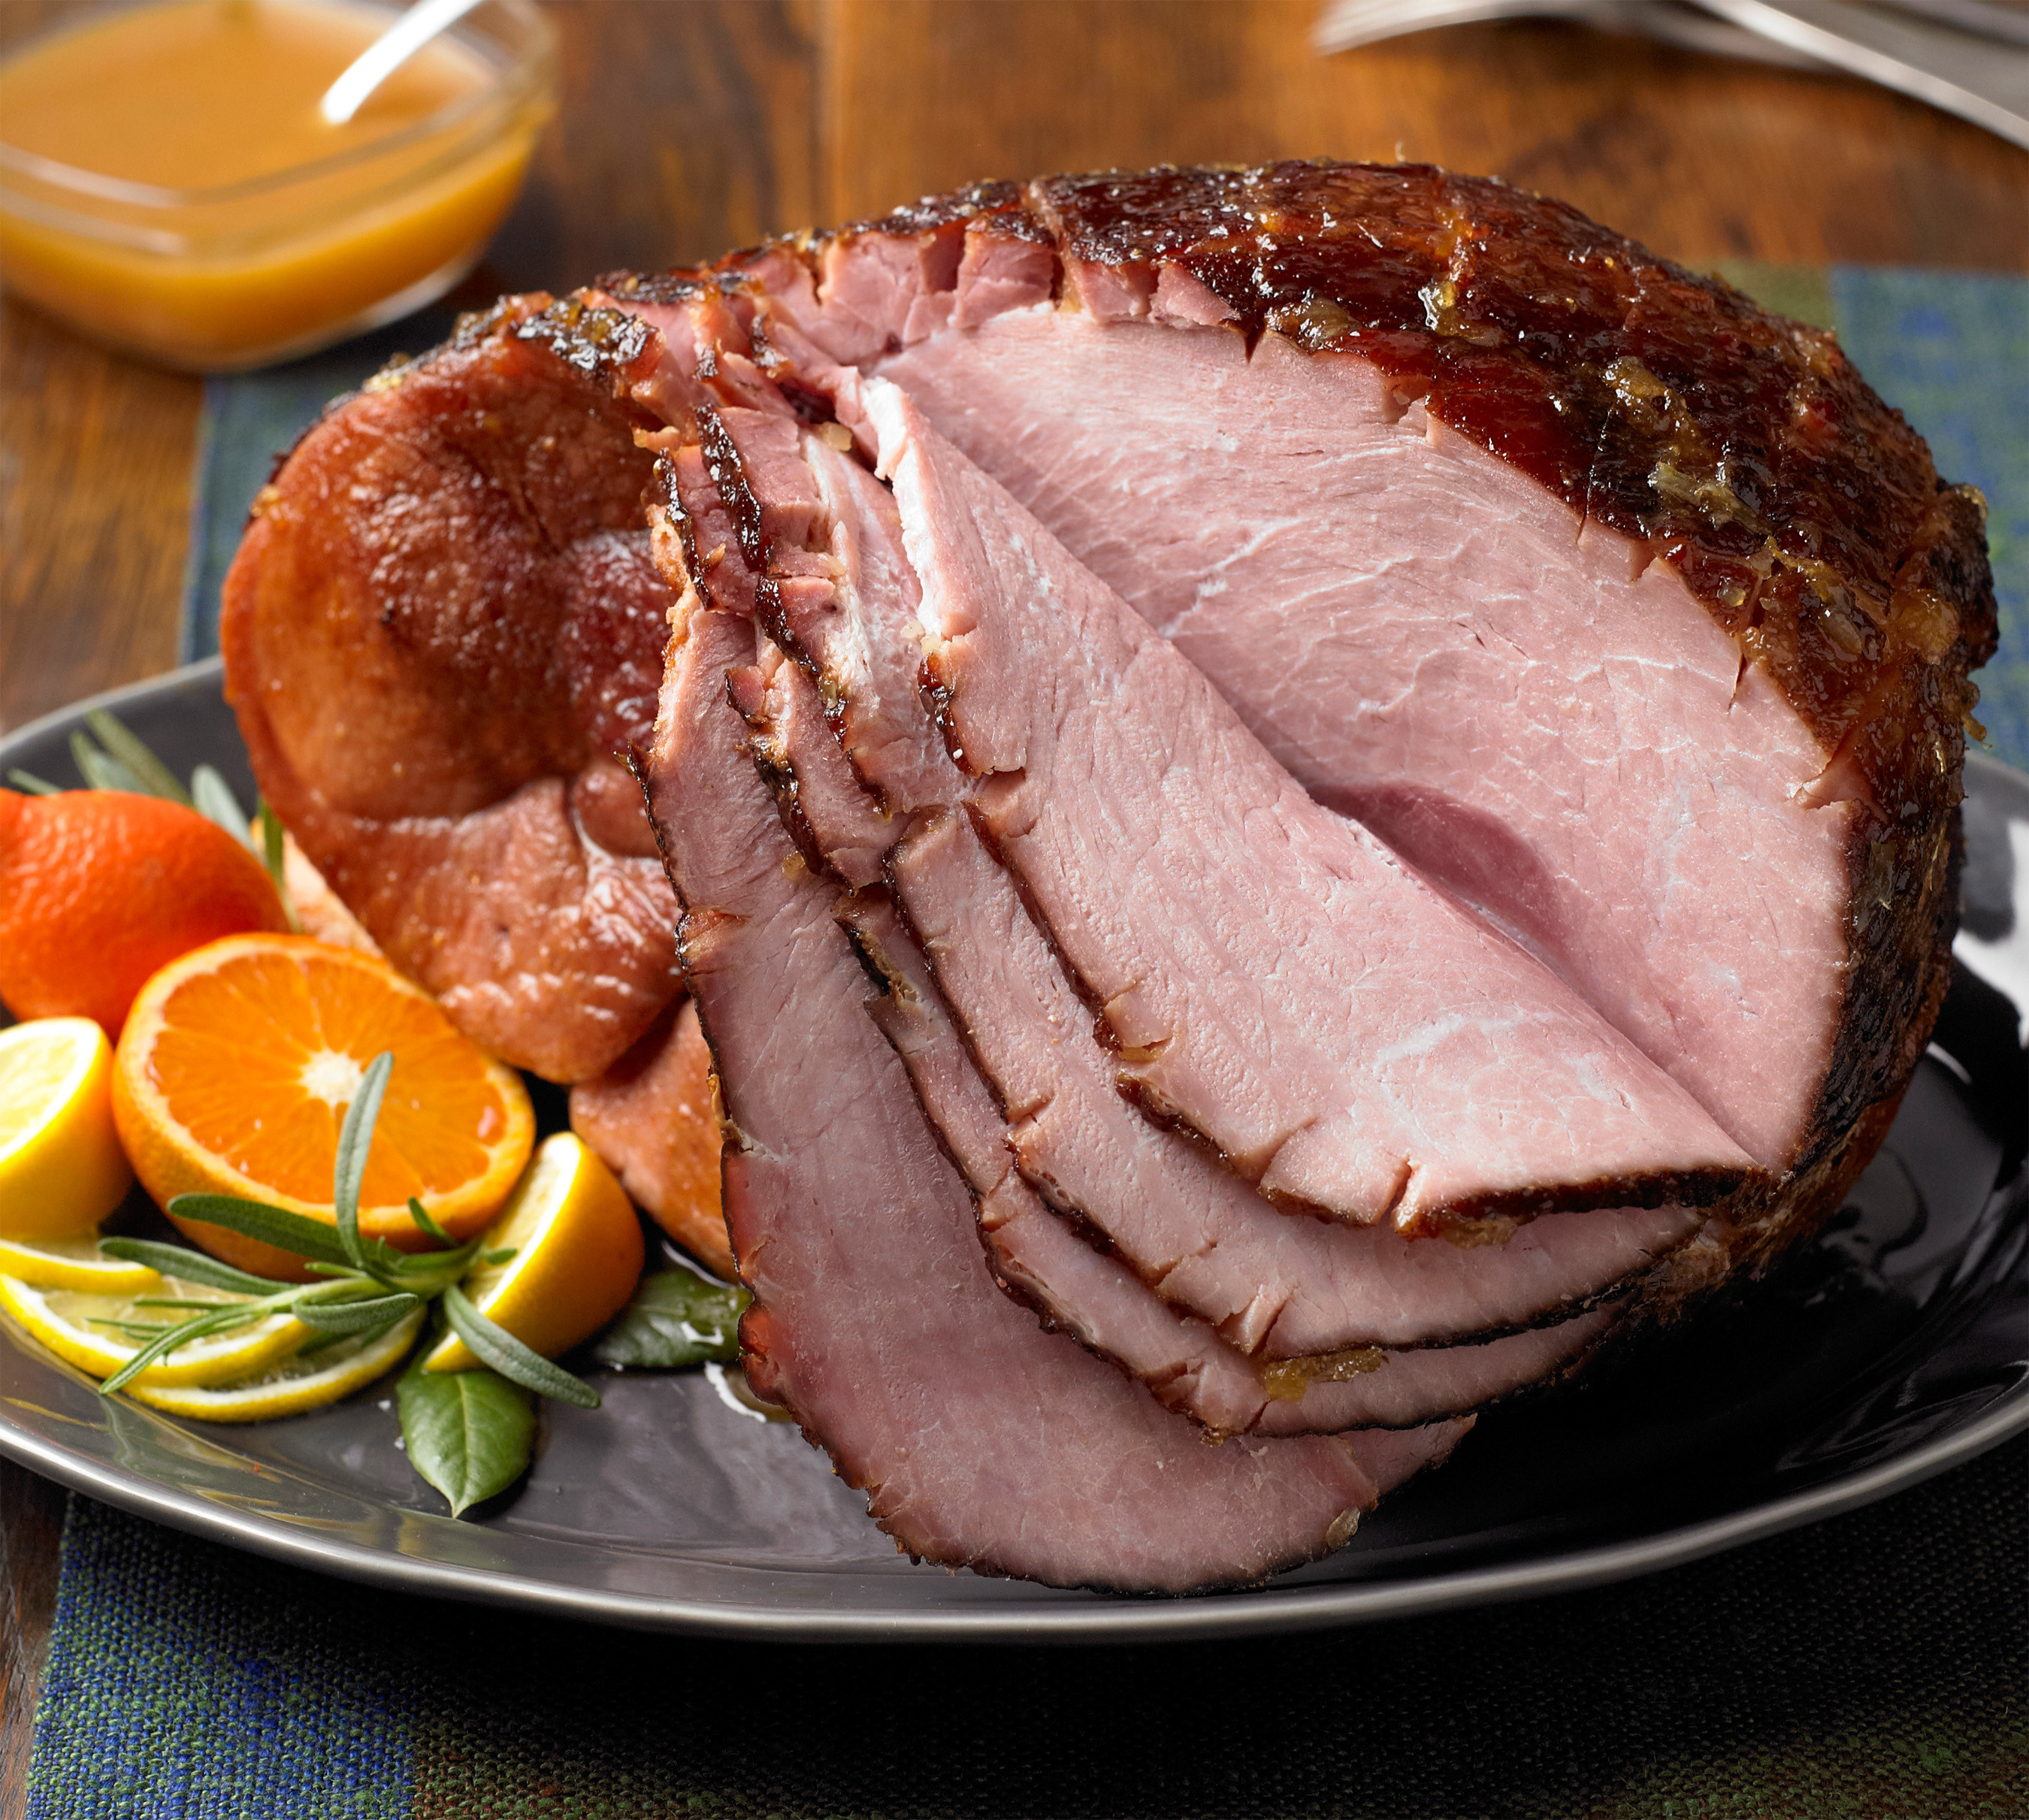 Easter Ham Recipes  Spiced Grilled Ham with Citrus Glaze Pork Recipes Pork